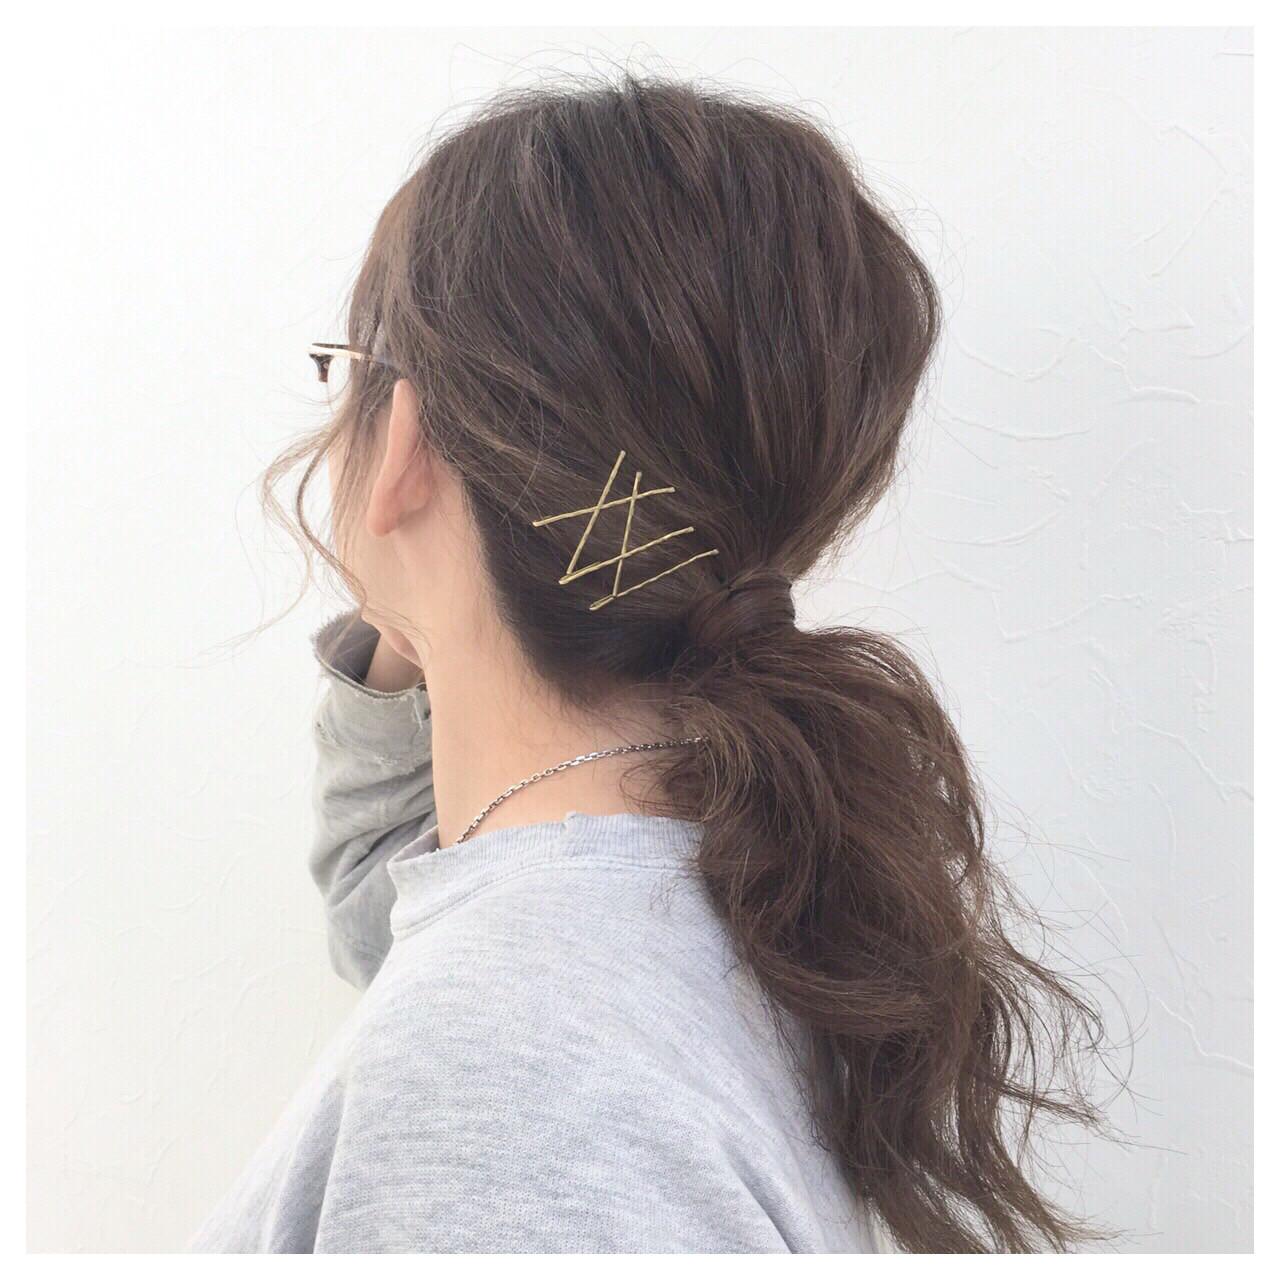 セミロング ゆるふわ ショート 簡単ヘアアレンジ ヘアスタイルや髪型の写真・画像